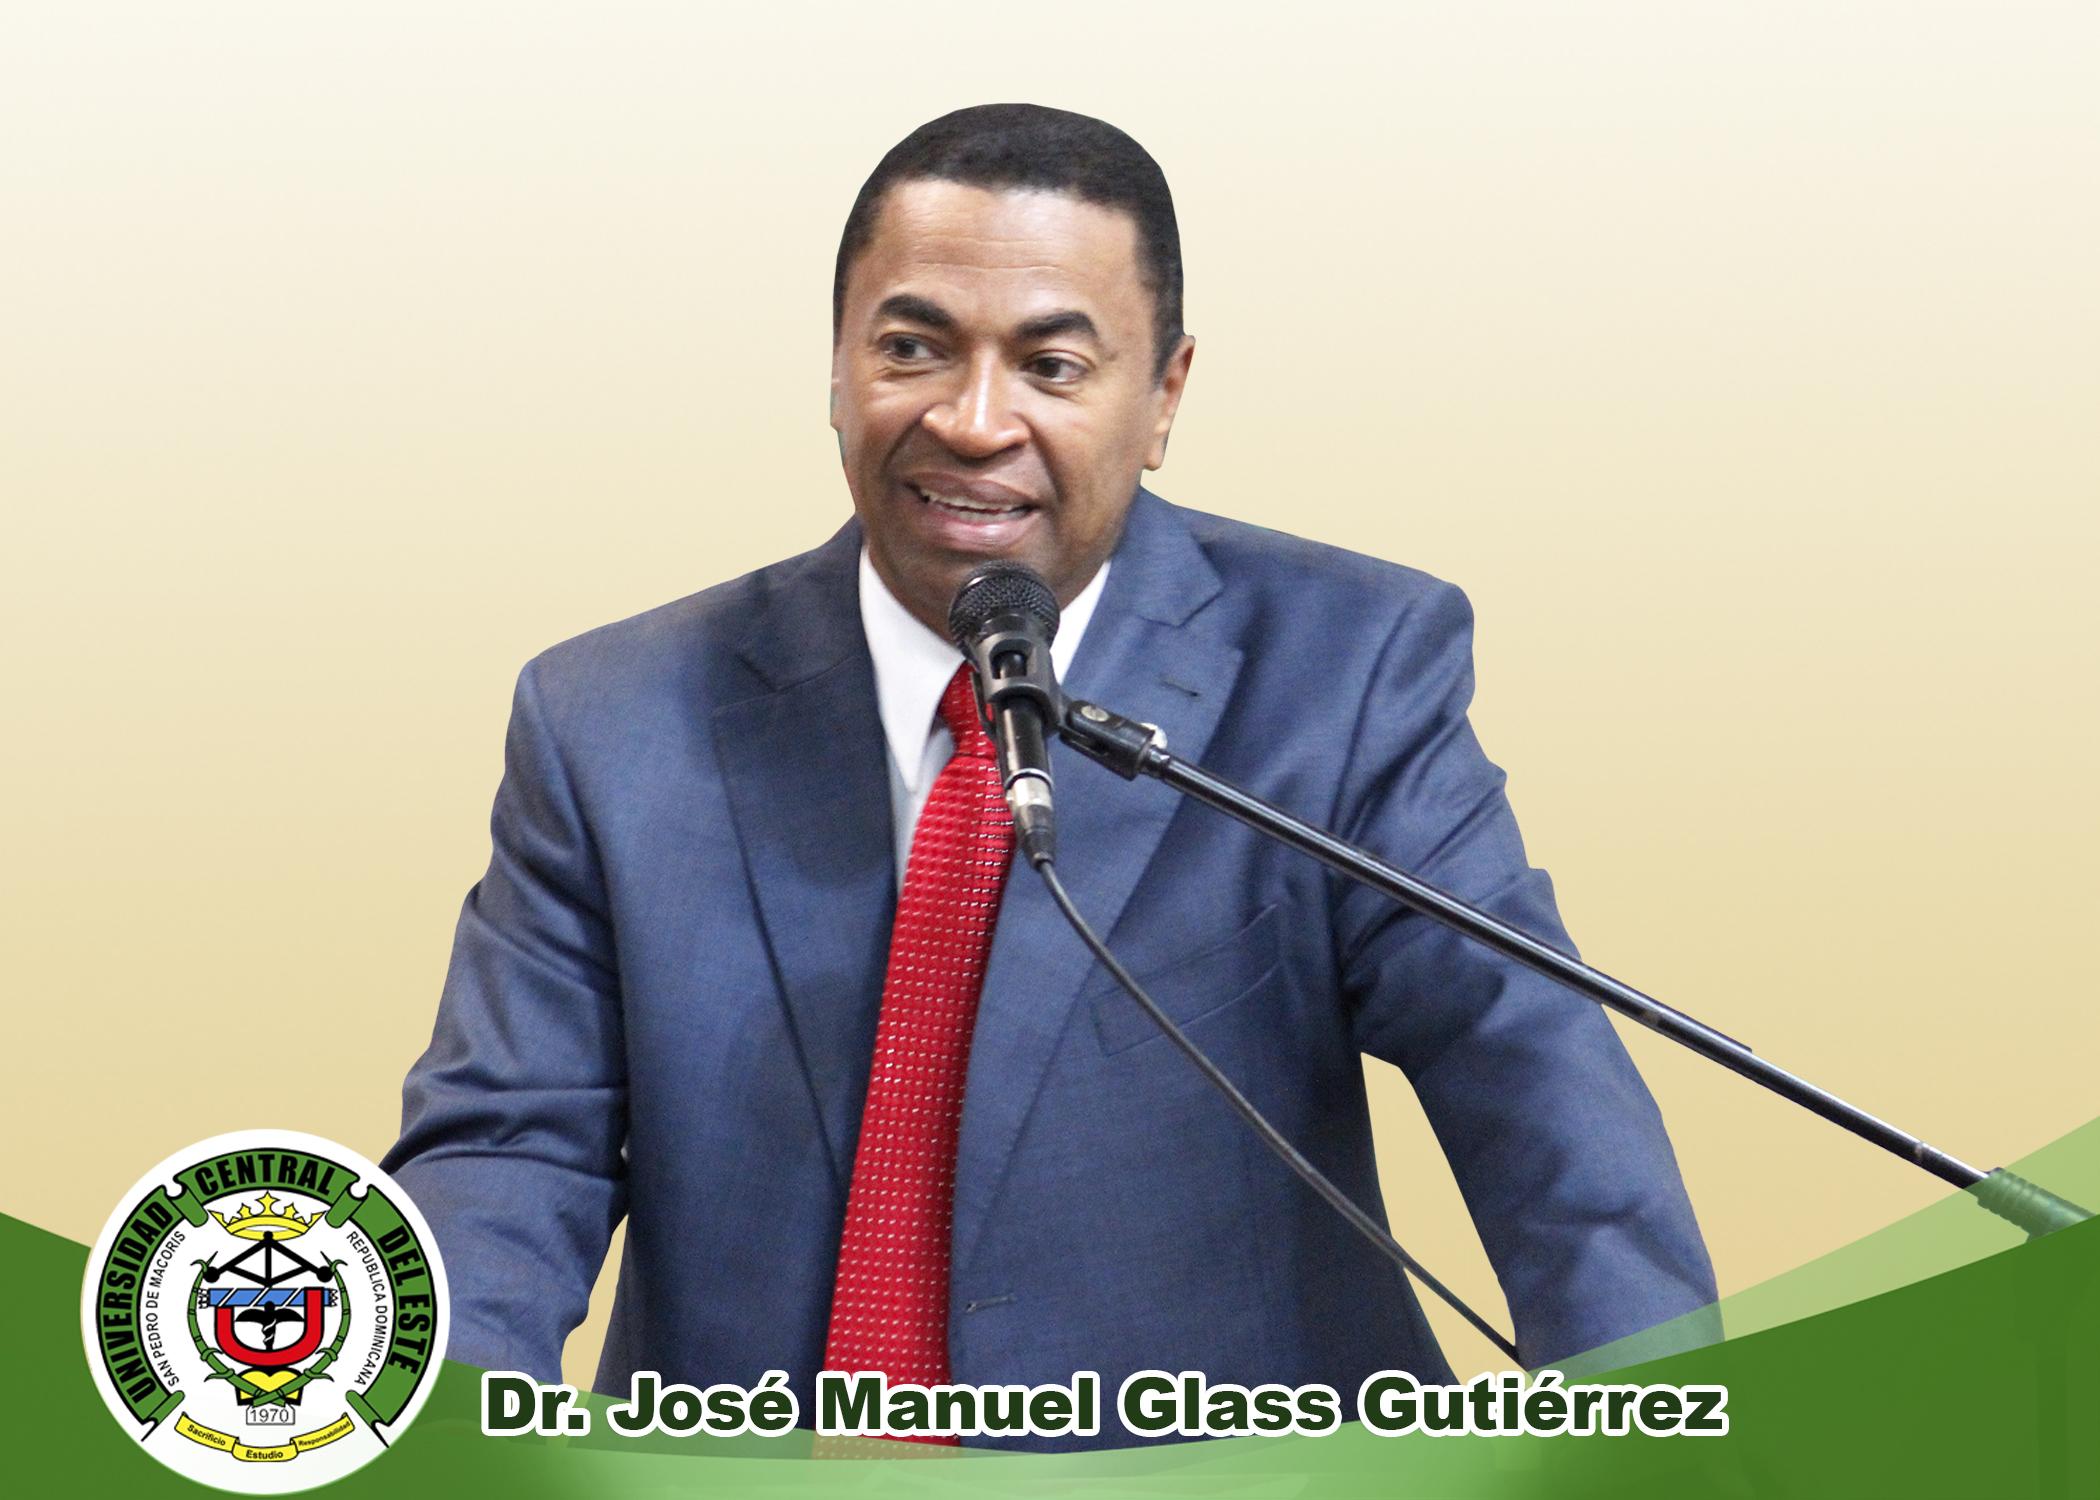 Dr. Jose Manuel Glass Gutiérrez 2.jpg